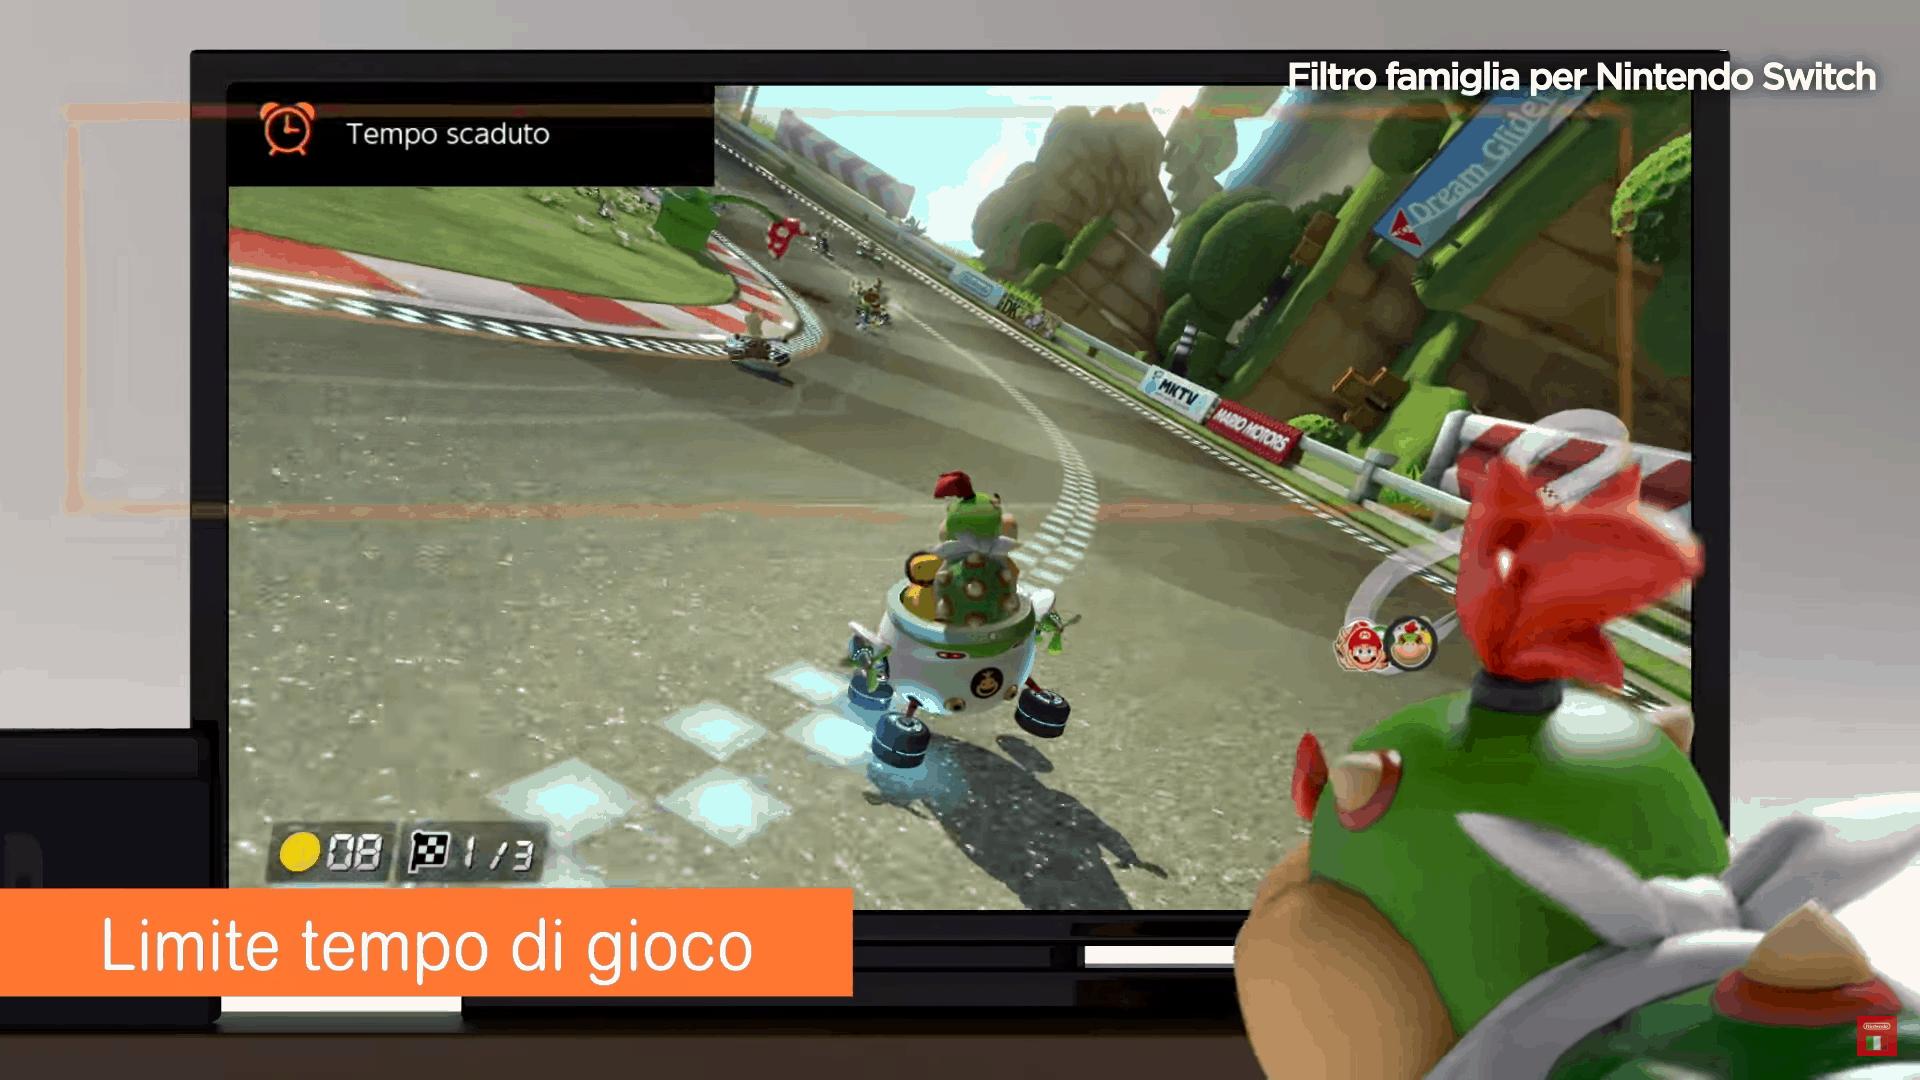 Nintendo Switch Filtro Famiglia limite di tempo di gioco